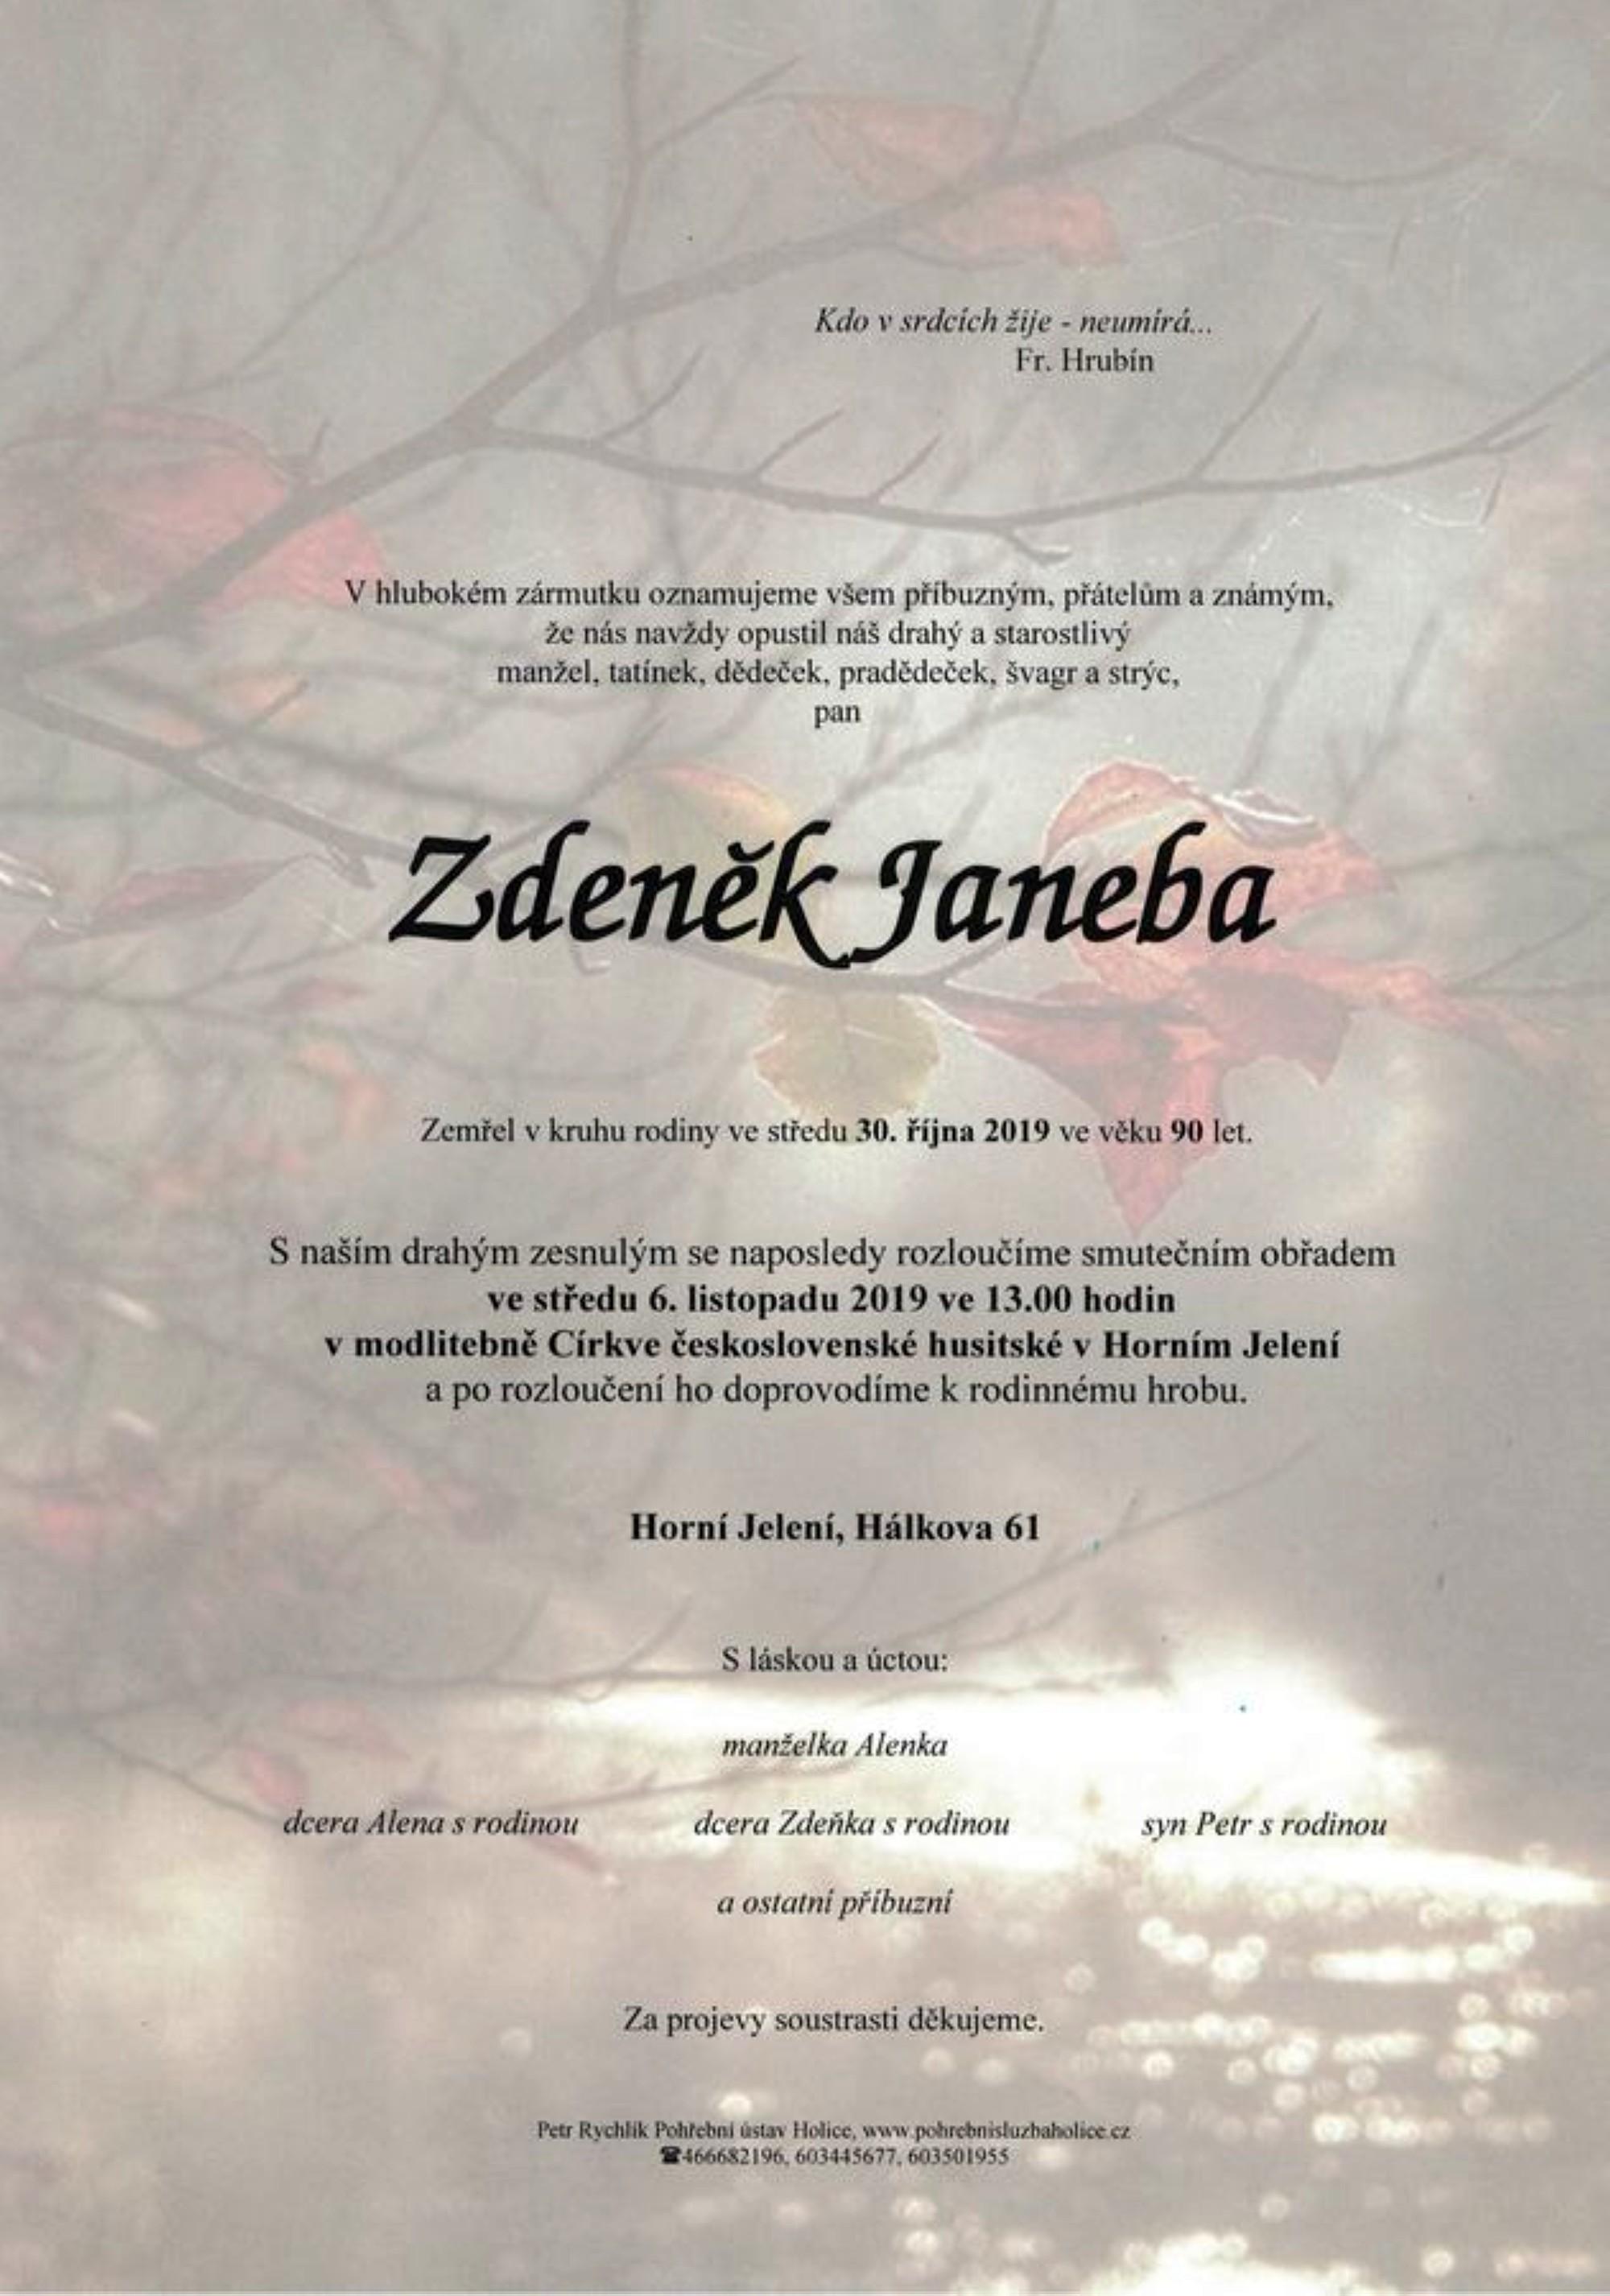 Zdeněk Janeba